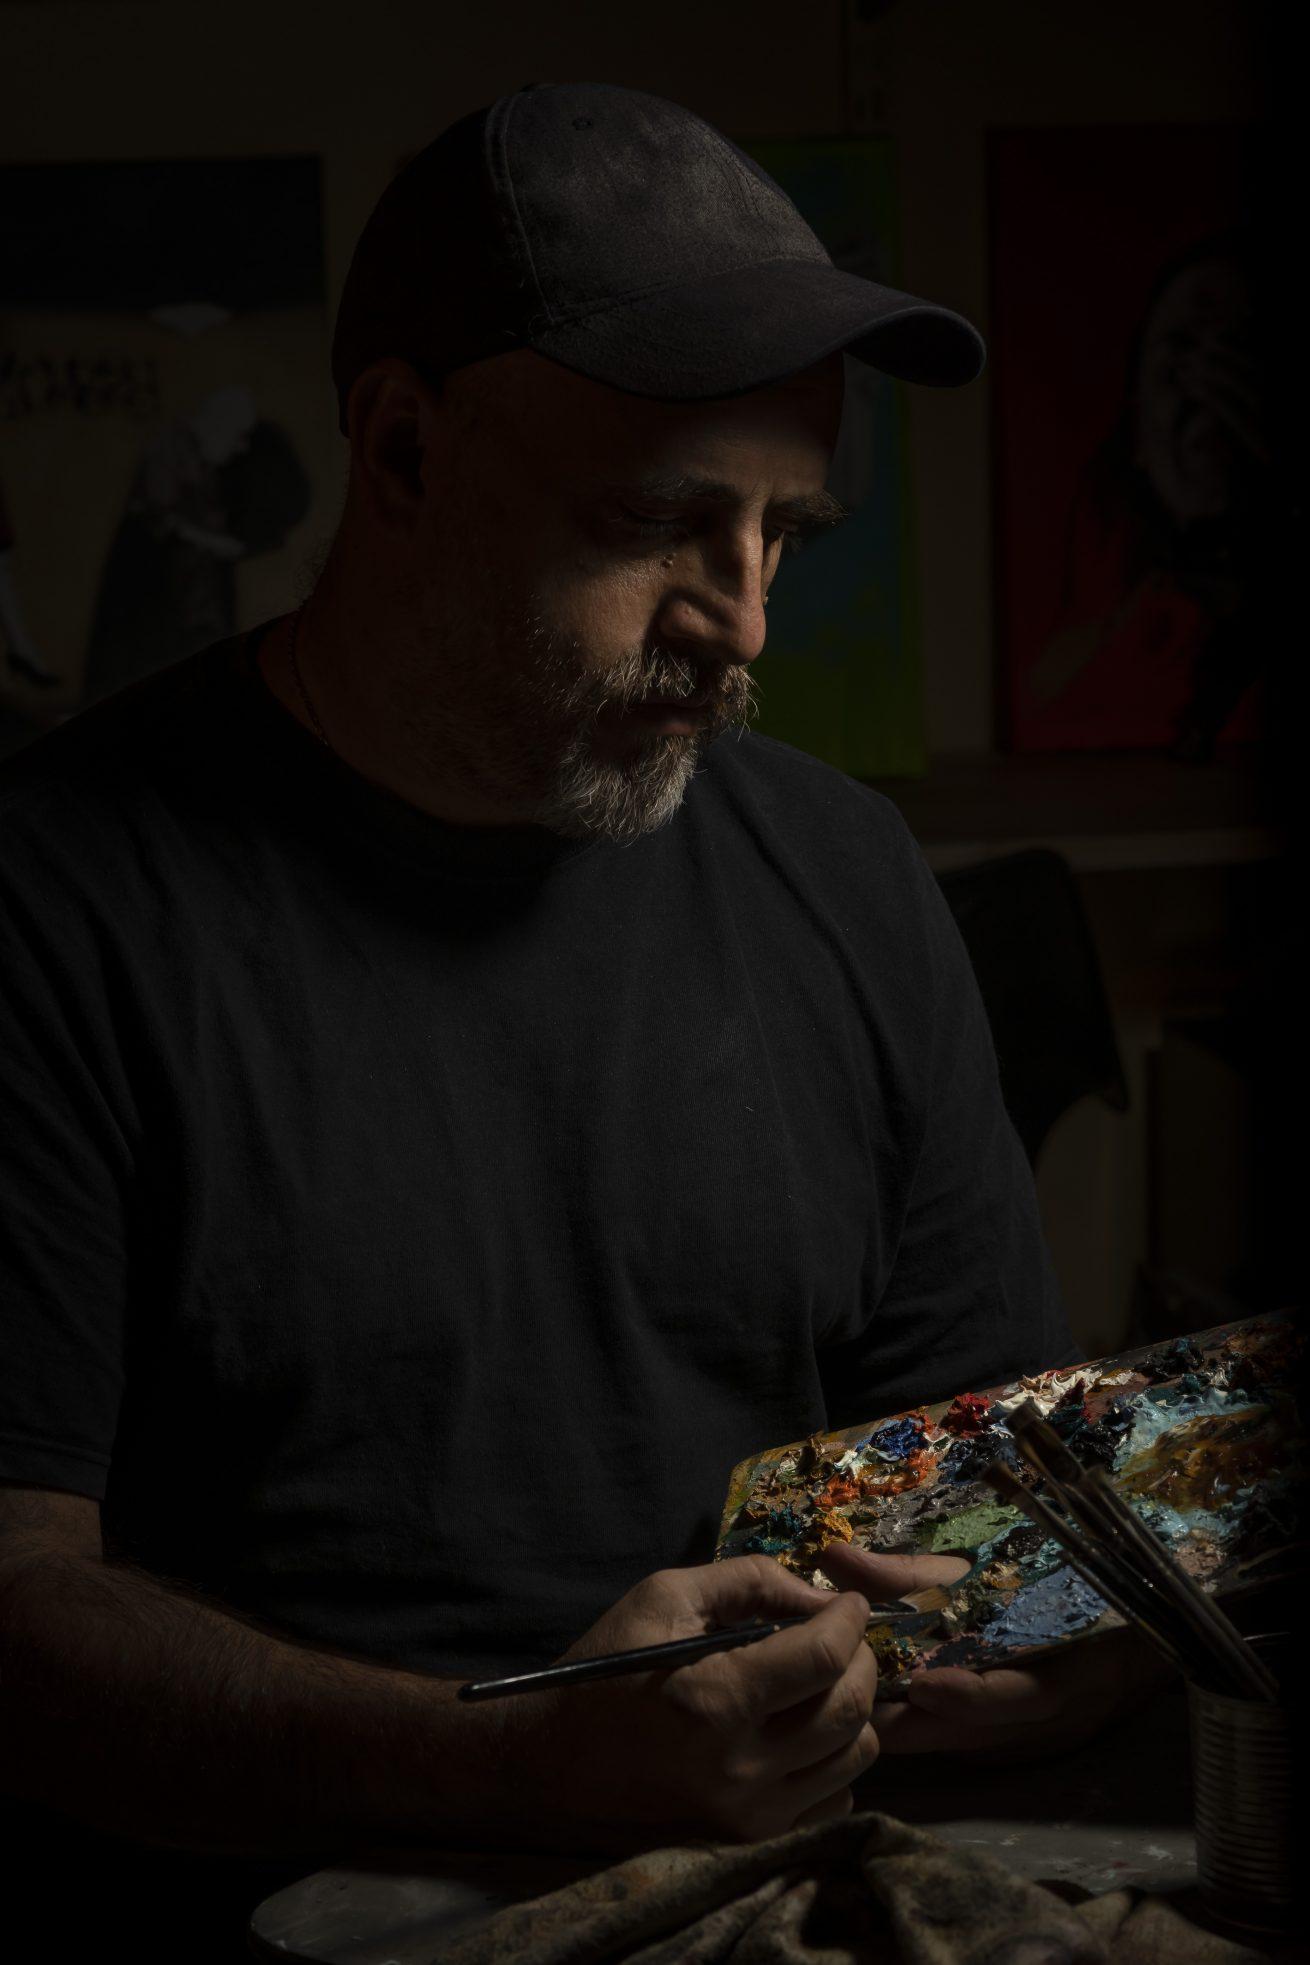 Danny Atelier